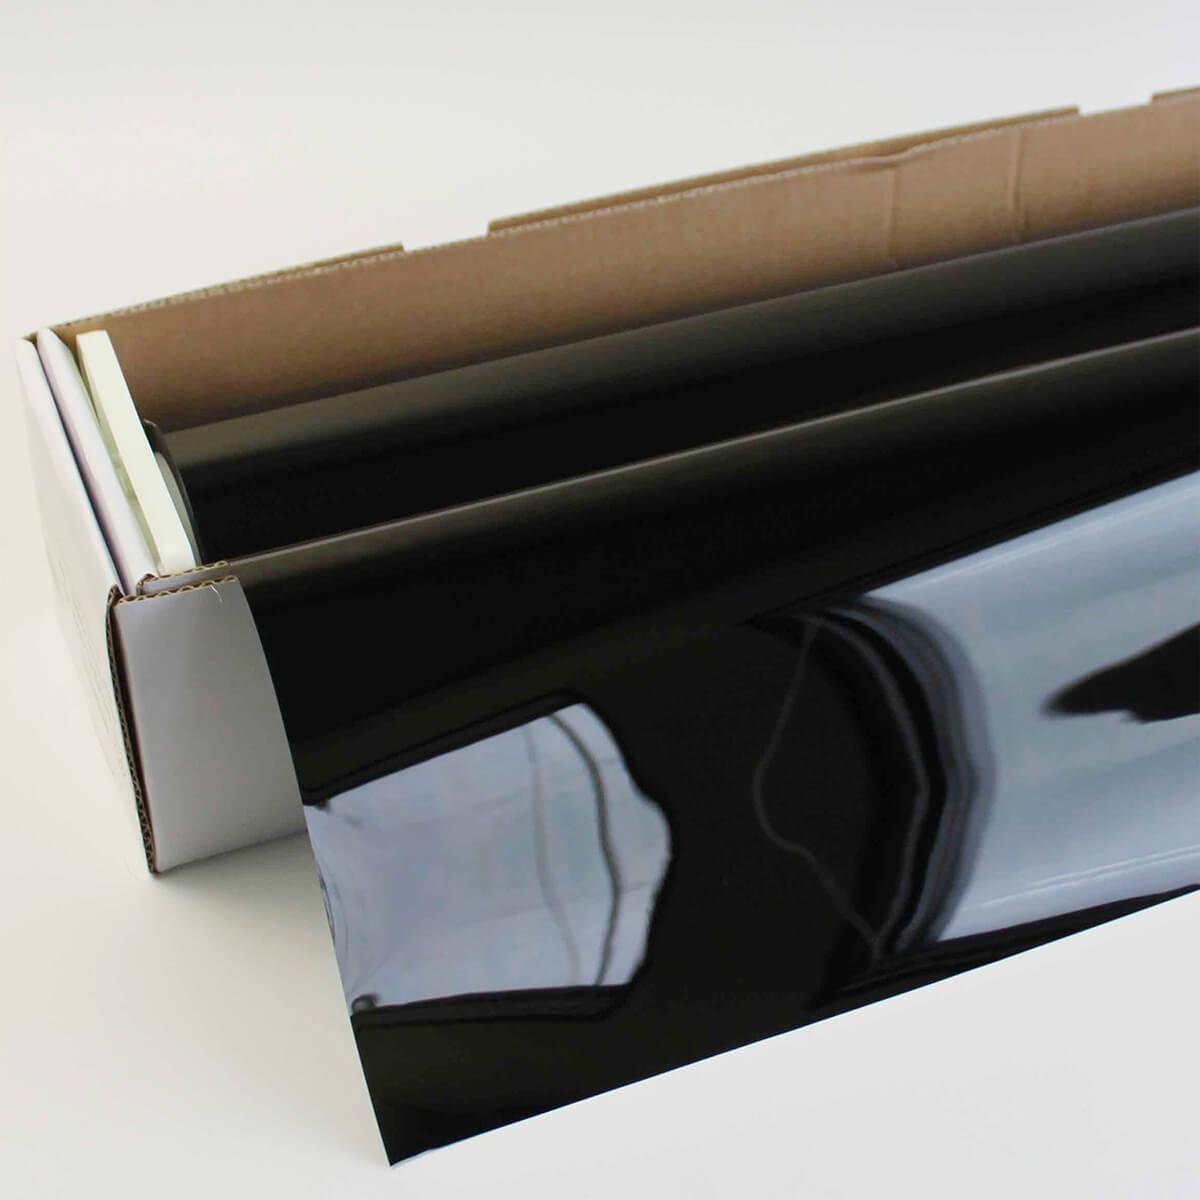 カーフィルム 窓ガラスフィルム IR断熱ブラック02(2%) 50cm幅×30mロール箱売 スモークフィルム プライバシーフィルム 遮熱フィルム 断熱フィルム UVカットフィルム ブレインテック Braintec